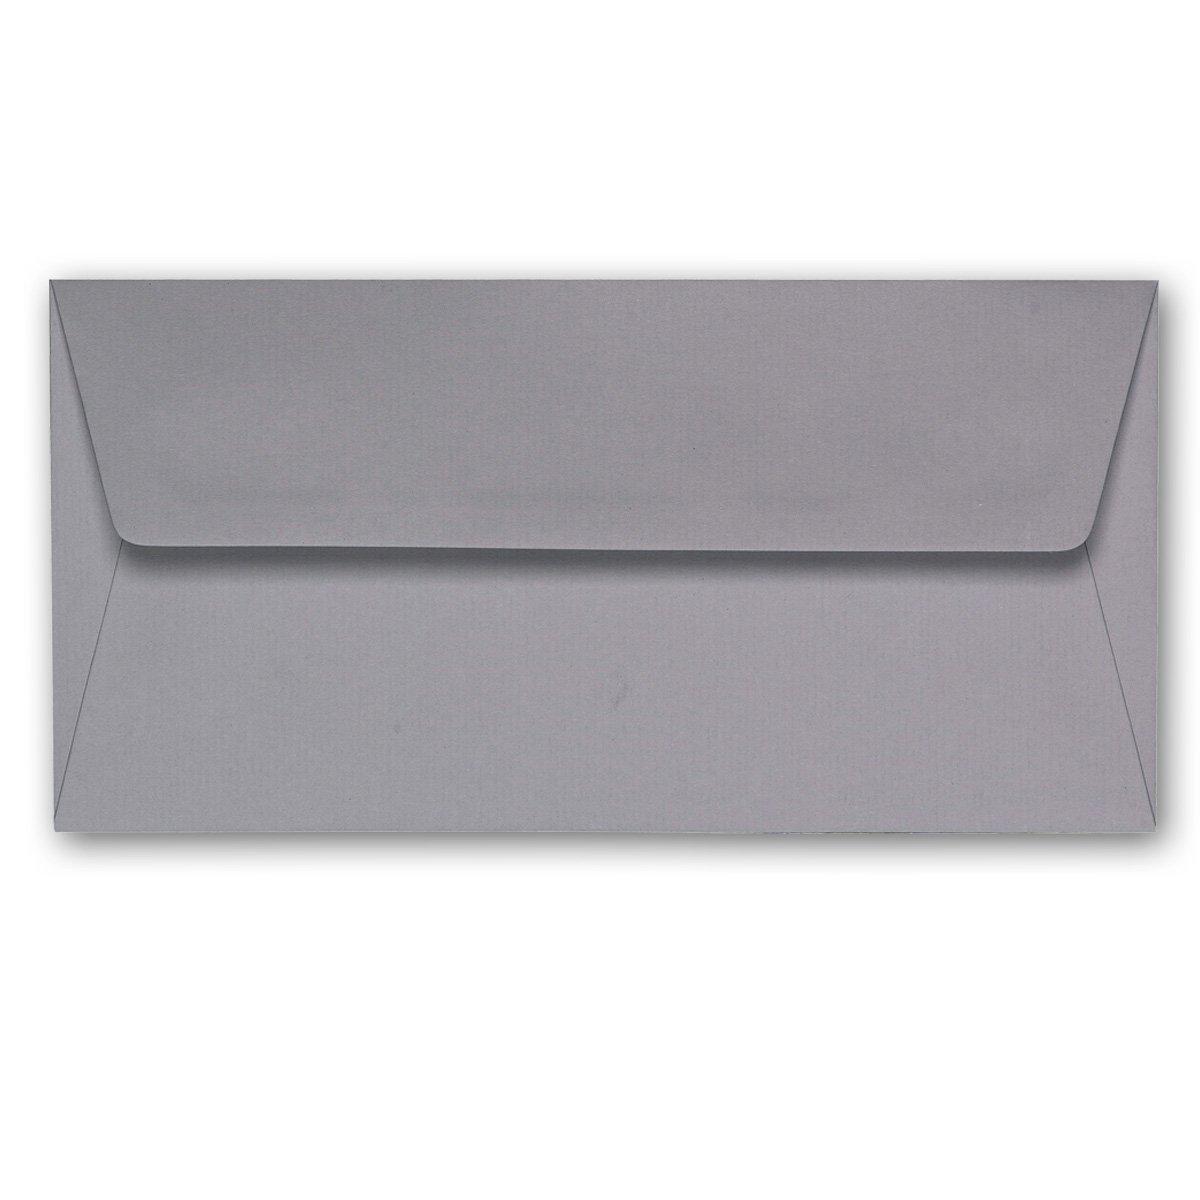 ARTOZ 200x Briefumschläge DIN Lang Graphit 100 g m² SEIDENFUTTER - (DL C5 C6) 220 x 110 mm - KuGrün ohne Fenster - Umschläge Nassklebung mit Gummierung